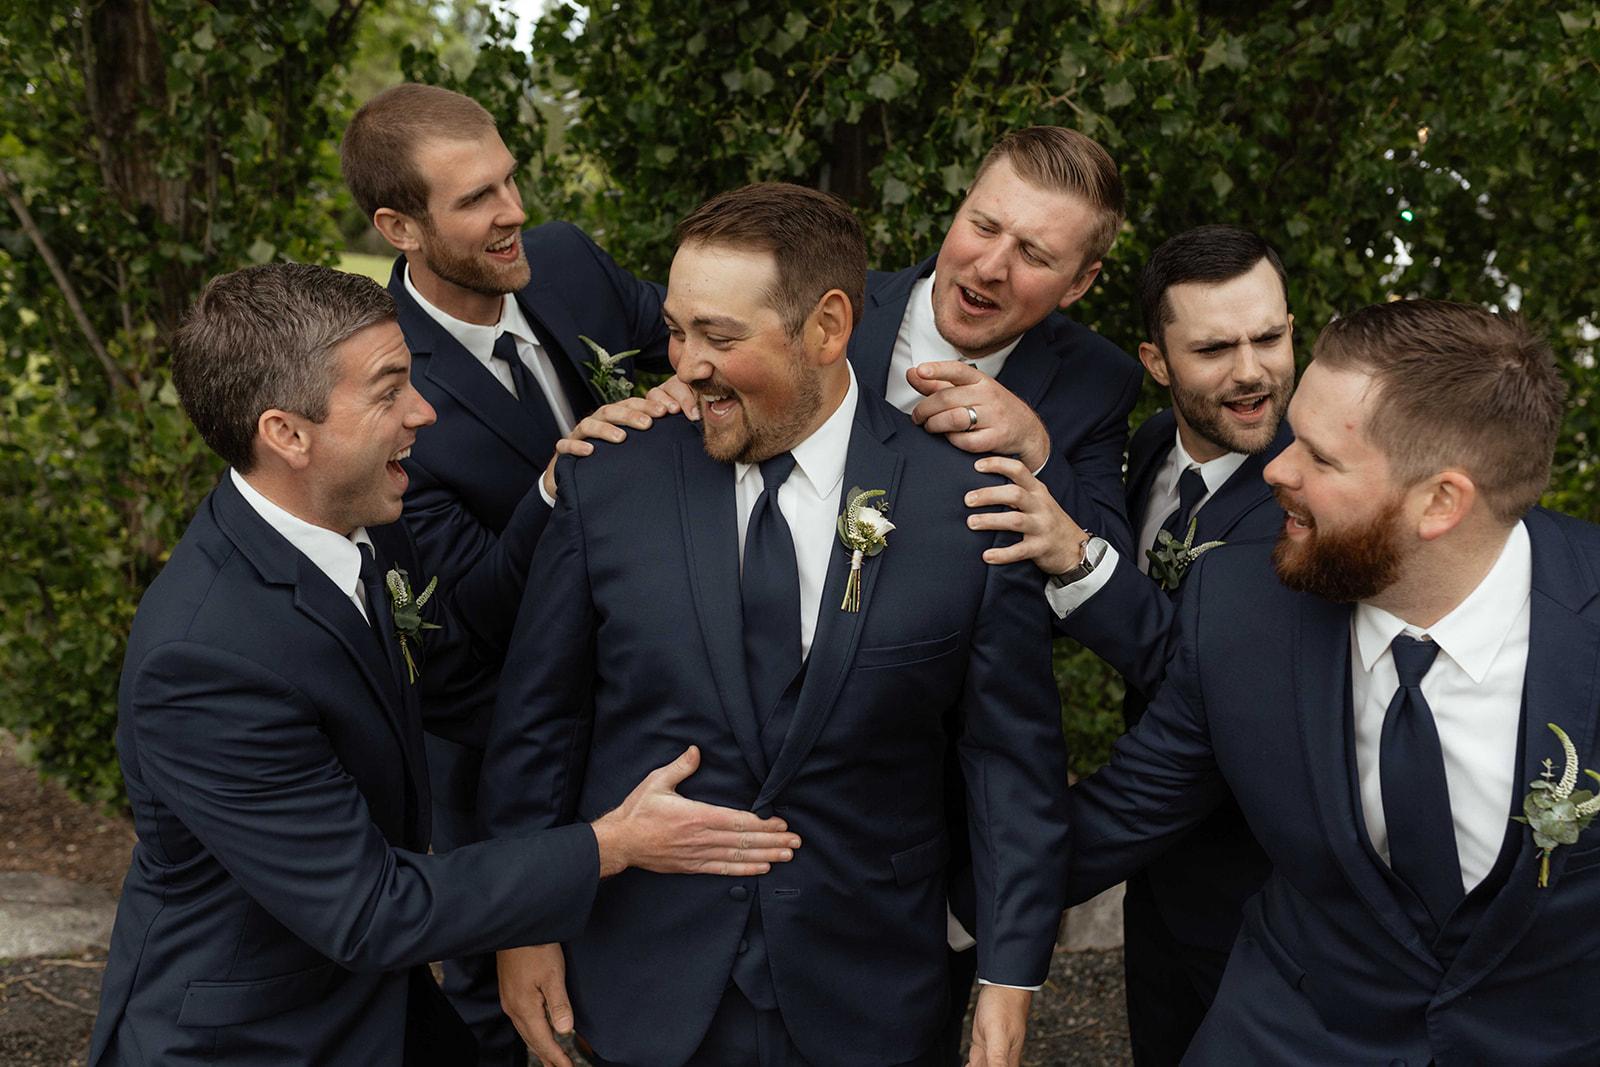 beacon hill wedding honest in ivory dress spokane groomsman